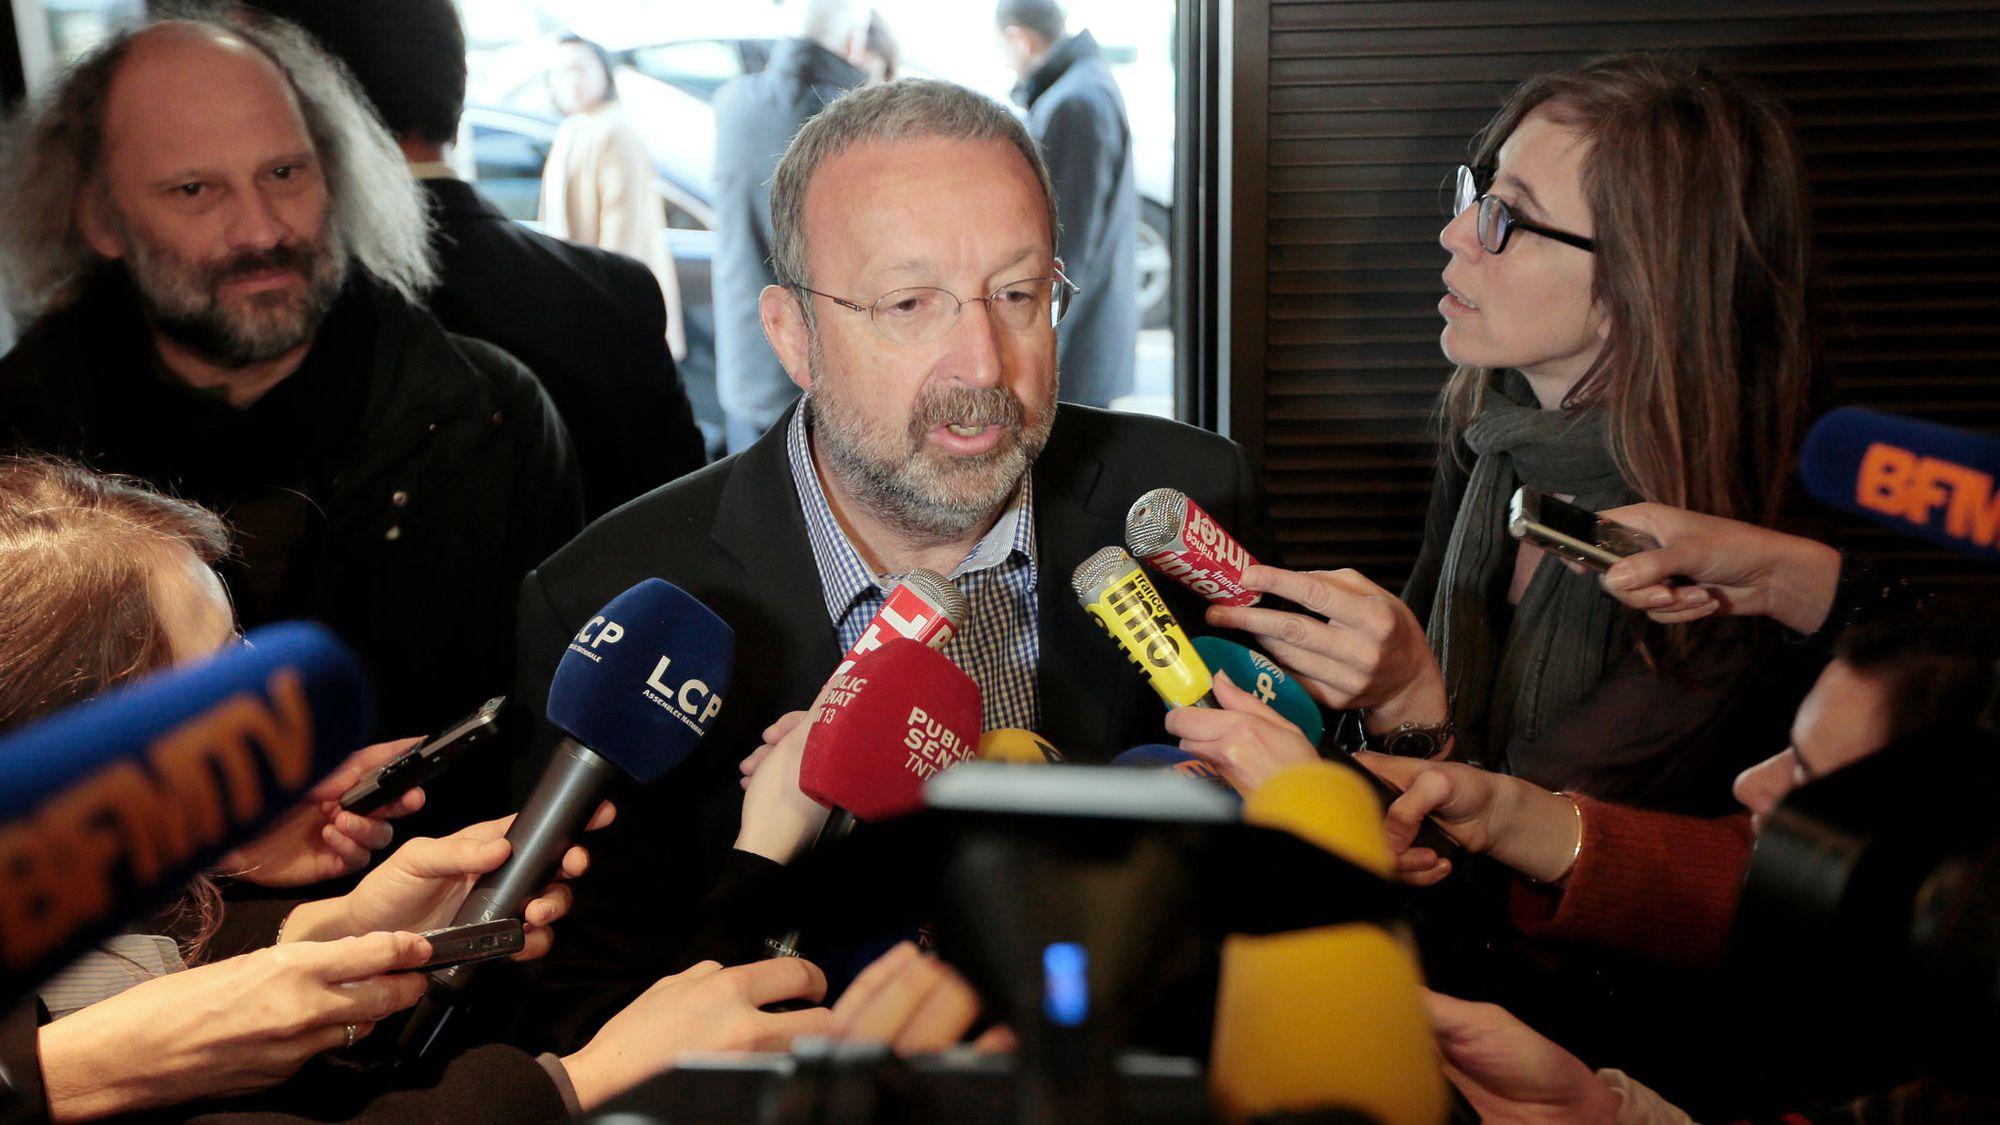 joseph-thouvenel-vice-president-de-la-cftc-au-siege-du-medef-a-paris-le-5-mars-2014_4822576.jpg